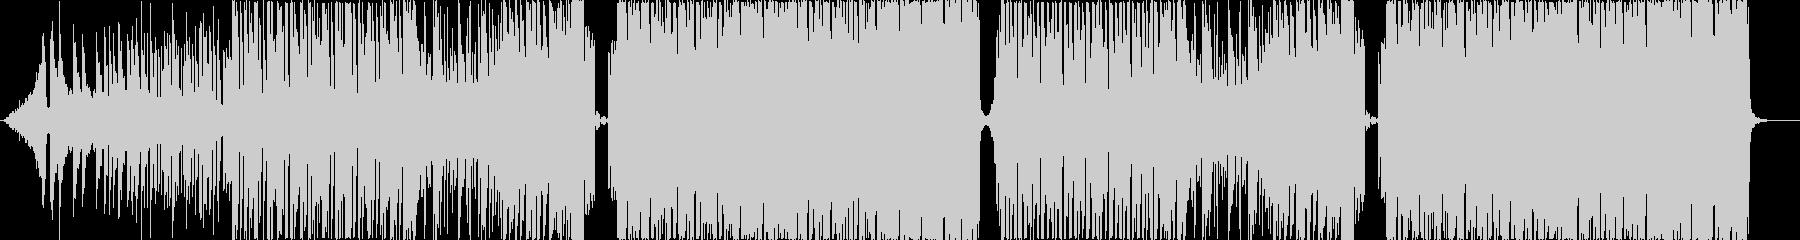 ノリノリなK-Pop,EDMポップ♬の未再生の波形